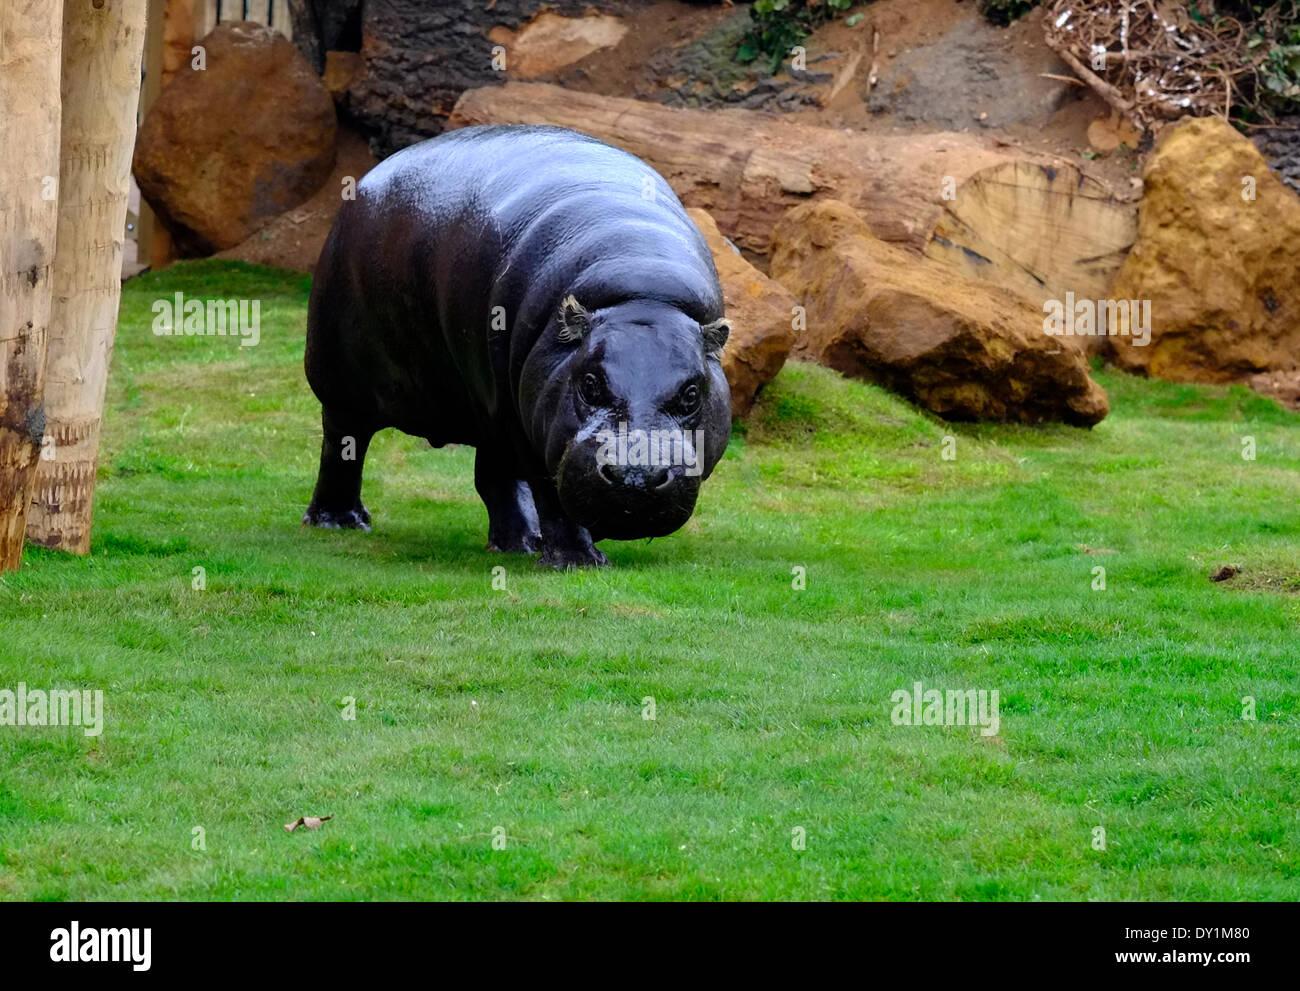 Hippo Zoo London Stock Photos  U0026 Hippo Zoo London Stock